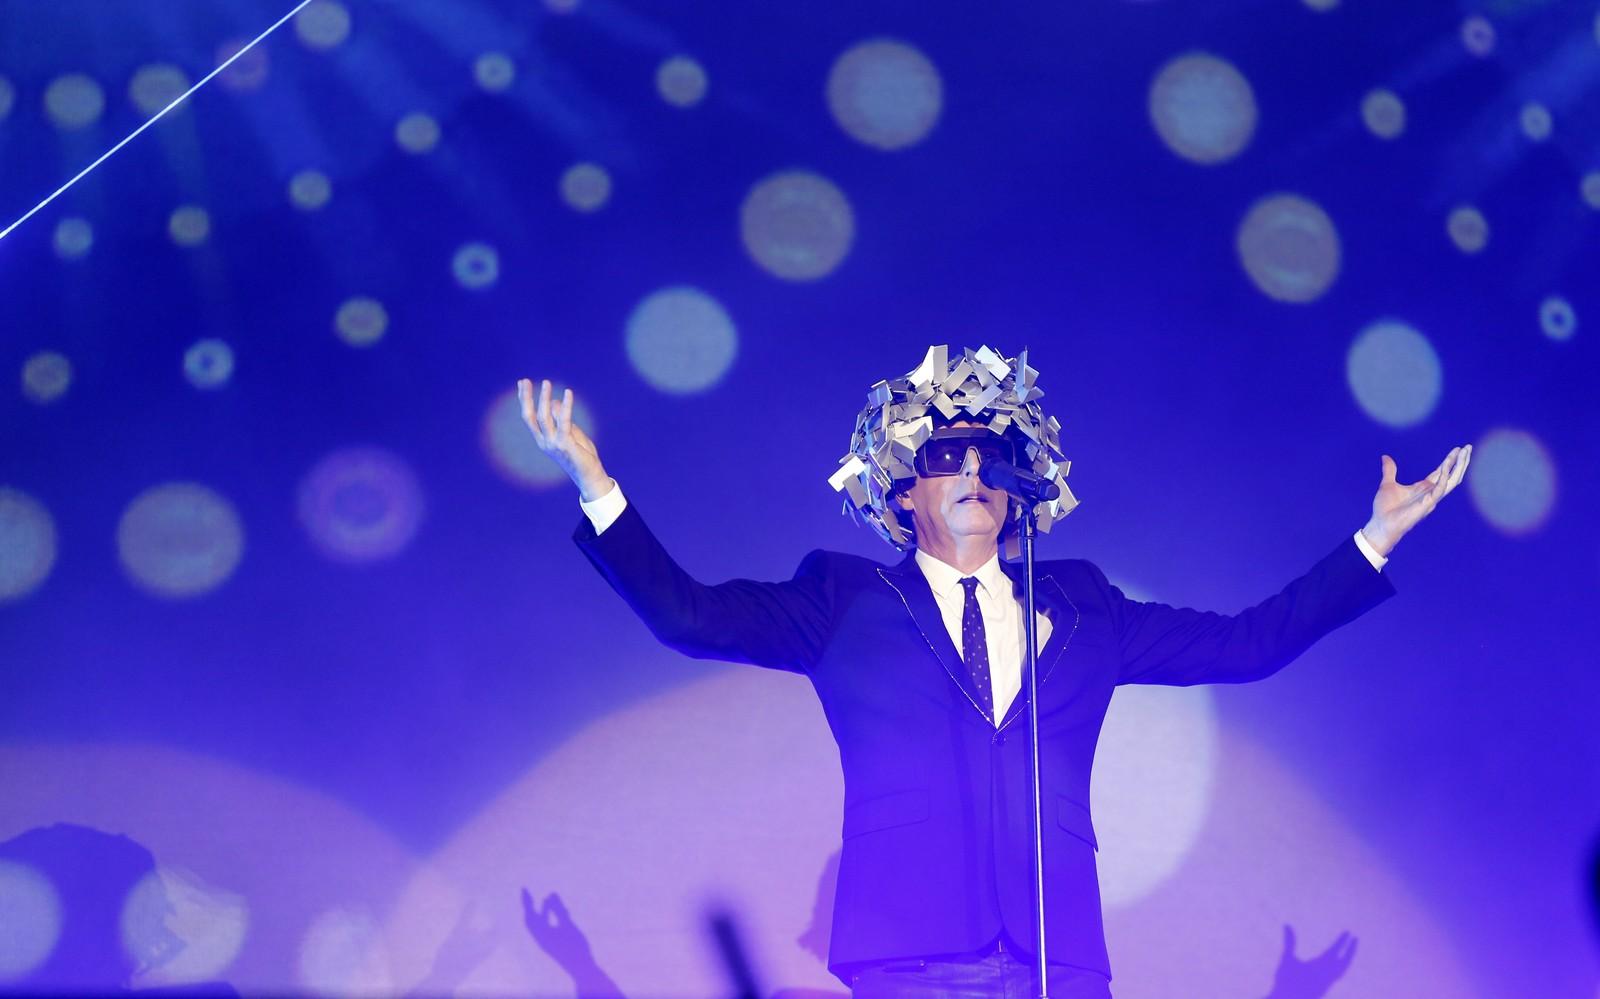 Dupla Pet Shop Boys desmente assalto à mão armada por travestis no Rio de Janeiro